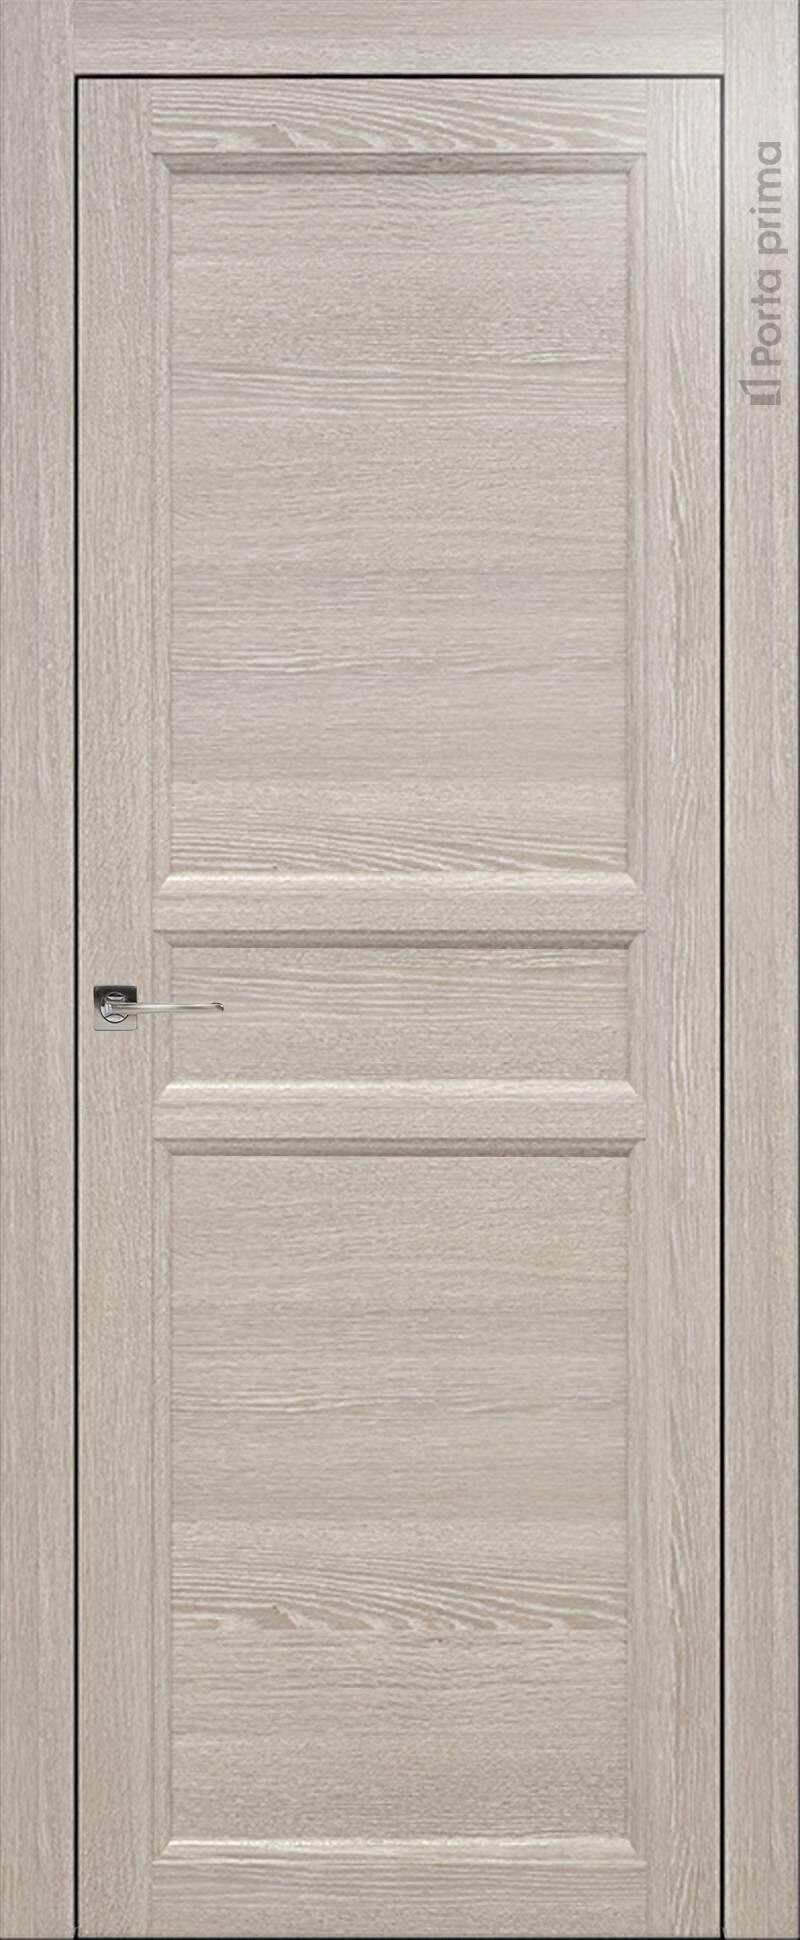 Sorrento-R Г2 цвет - Серый дуб Без стекла (ДГ)